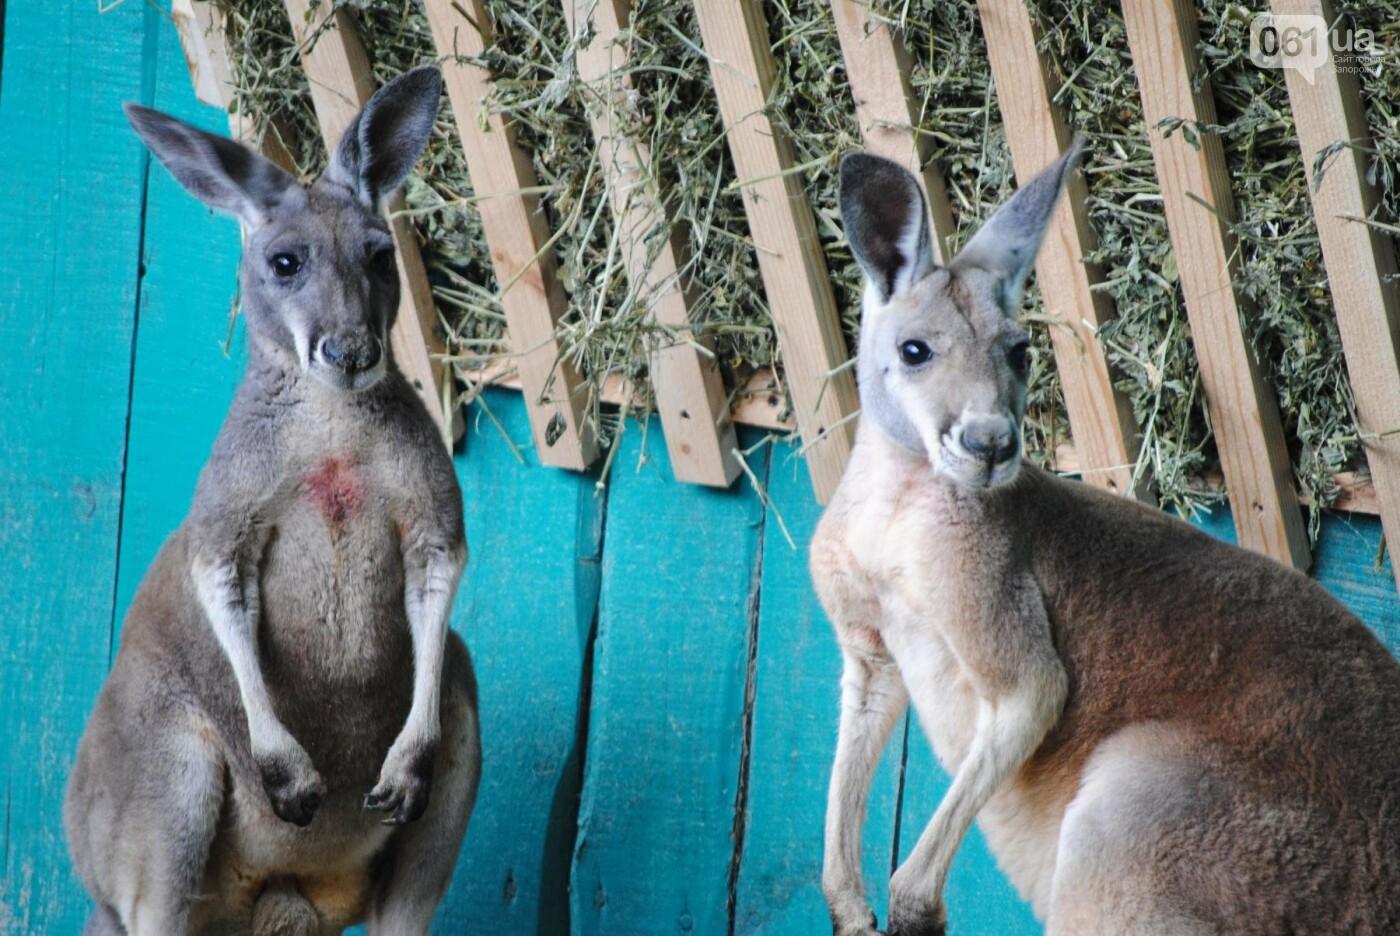 В бердянском зоопарке появились кенгуру: они любят хлеб и скоро станут ручными, - ФОТОРЕПОРТАЖ, фото-6